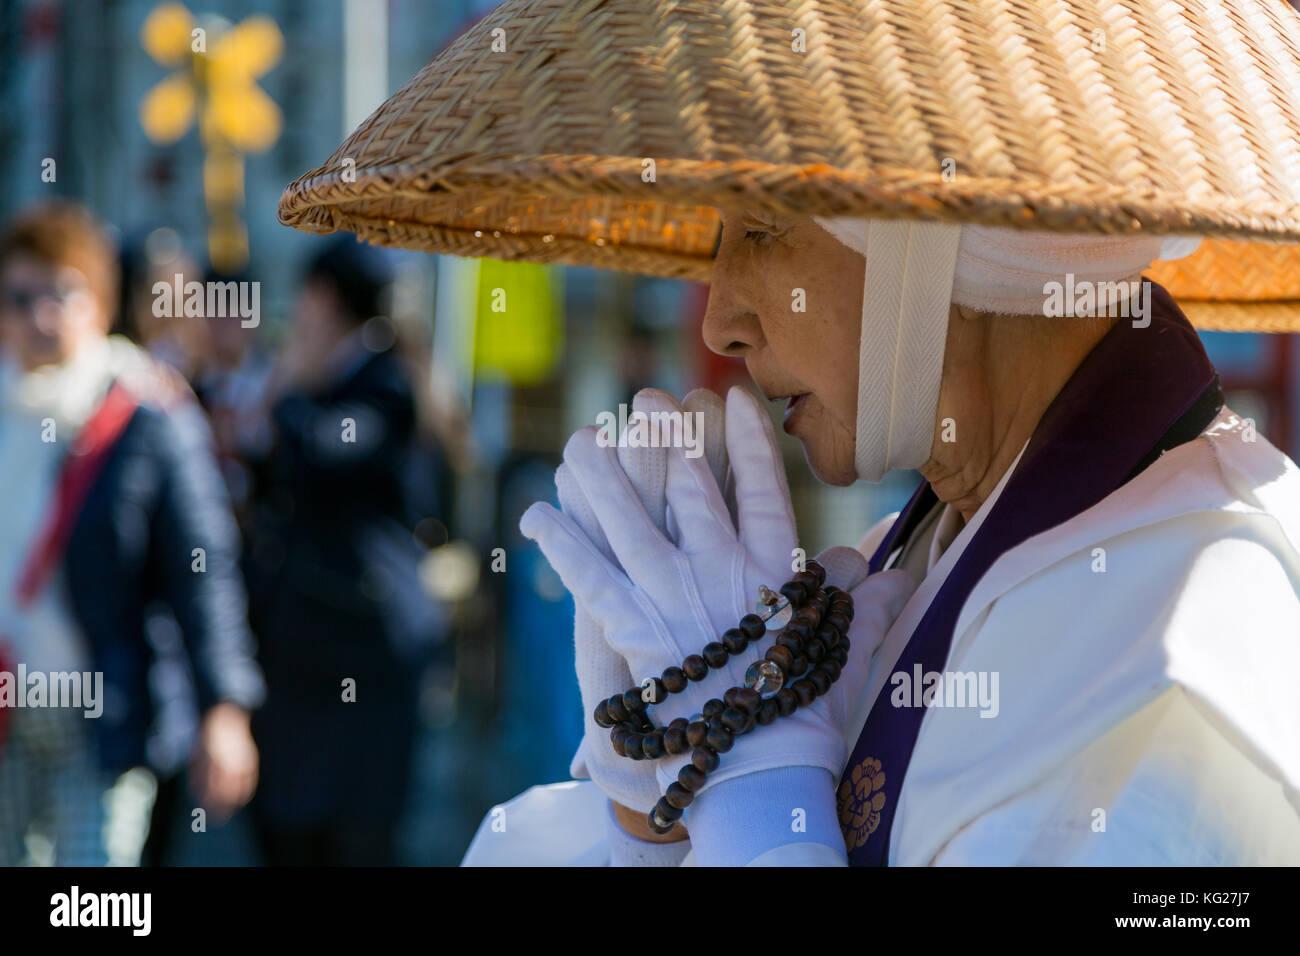 Japanische weiblichen buddhistischen Mönch Almosen an der Kiyomizudera Tempel in Kyoto, Japan, Asien Stockbild